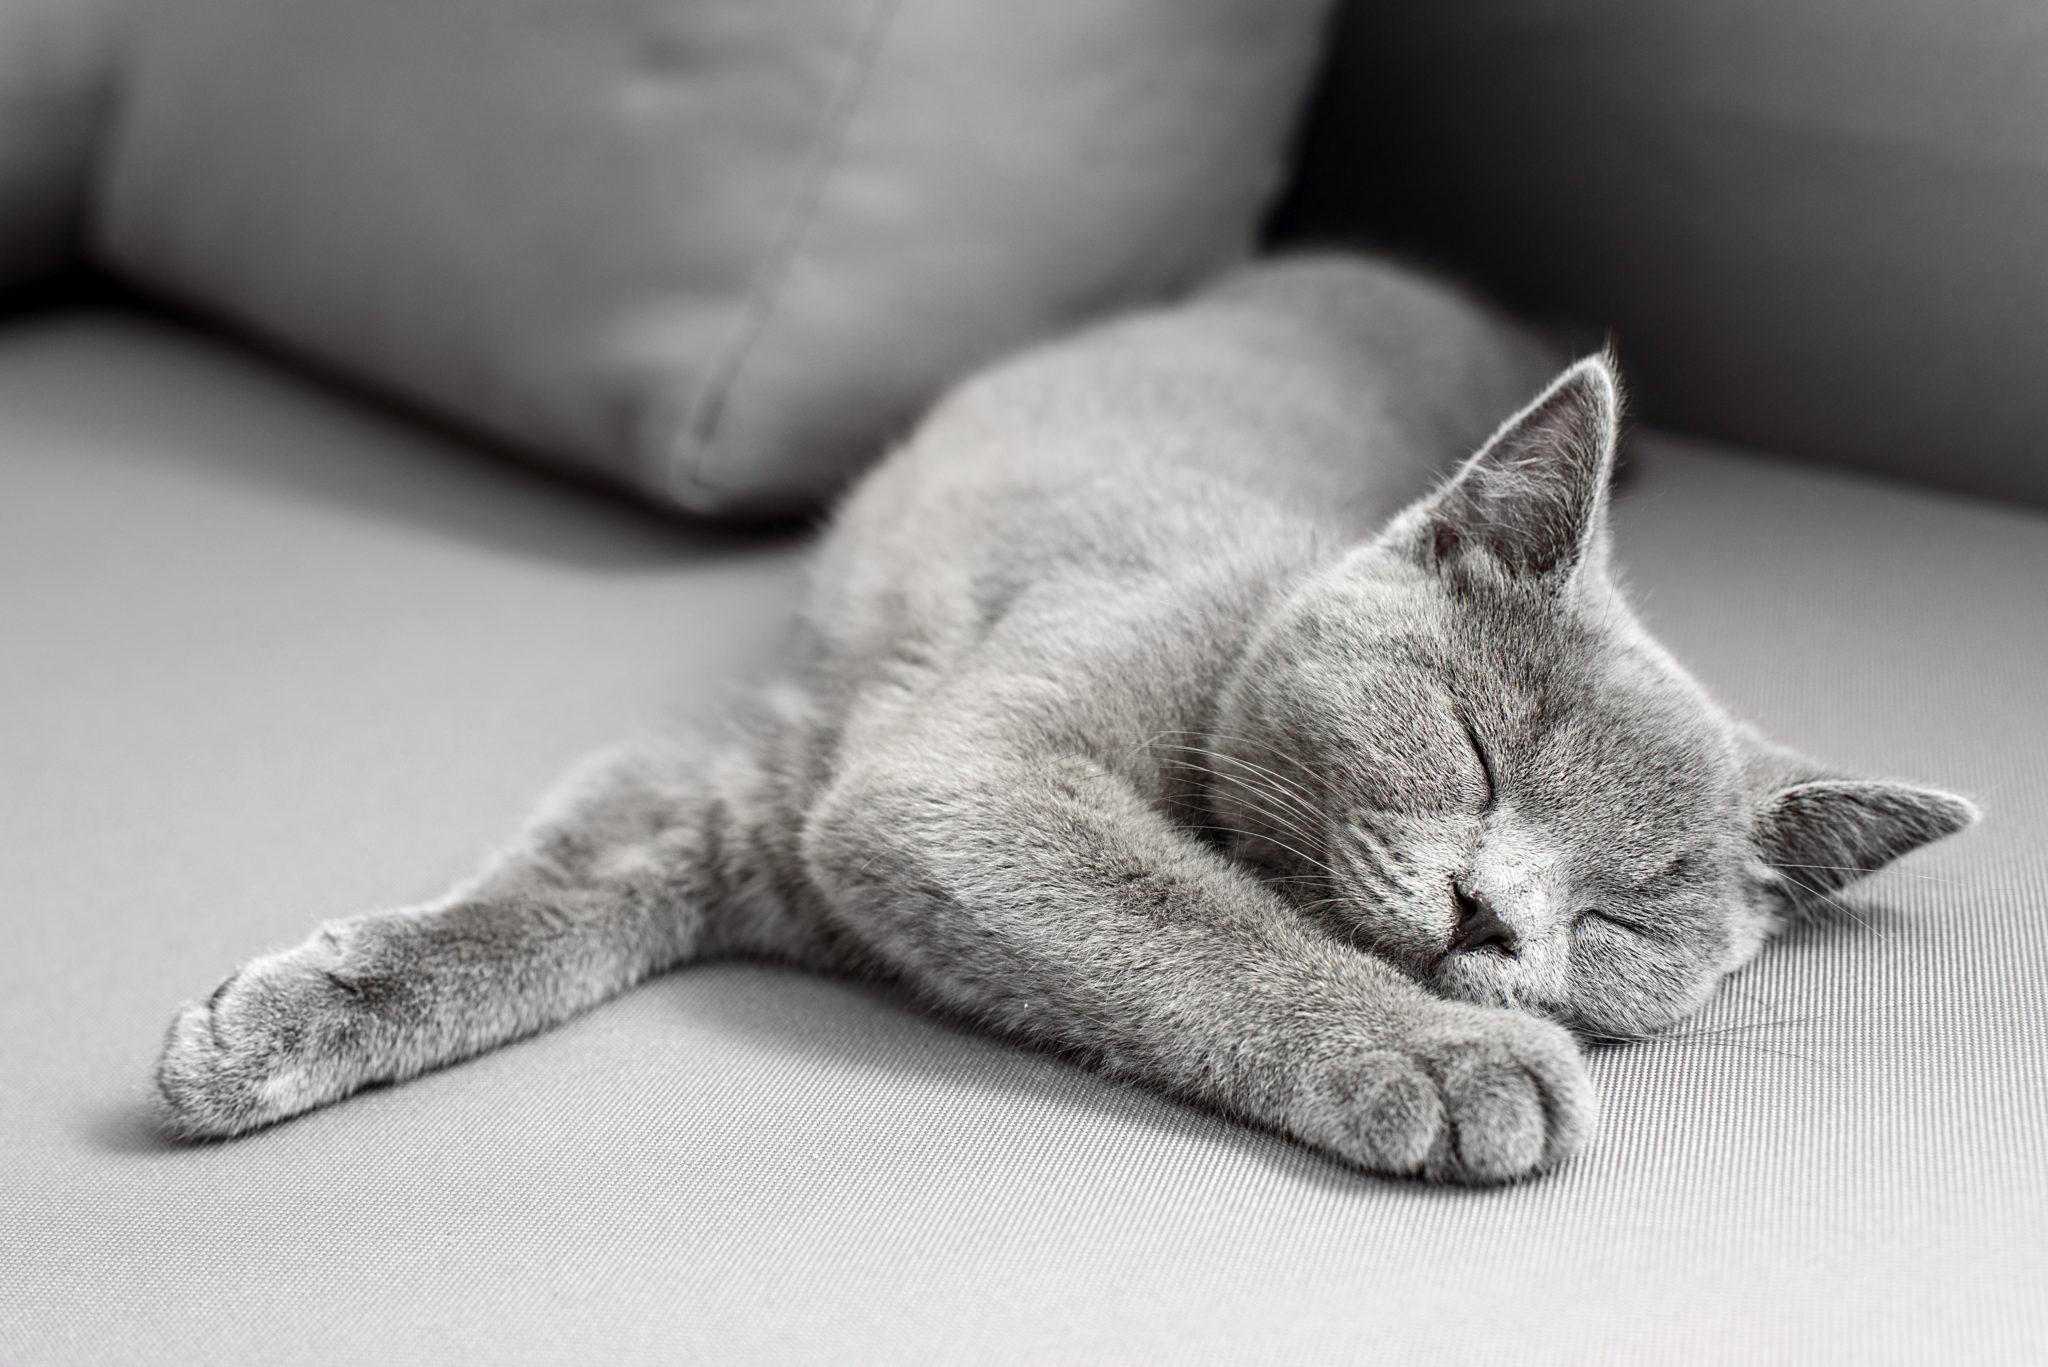 śpiący kot brytyjski